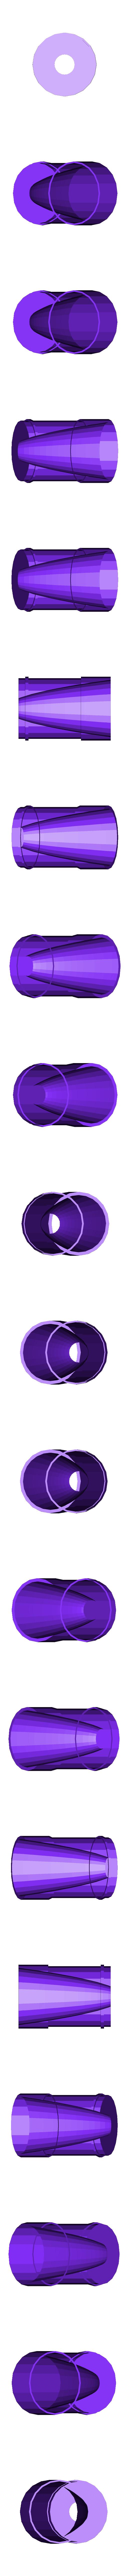 Goma.stl Télécharger fichier STL gratuit Cachimba / Shisha Emoji Embouchure du diable • Design pour impression 3D, Shisha3D